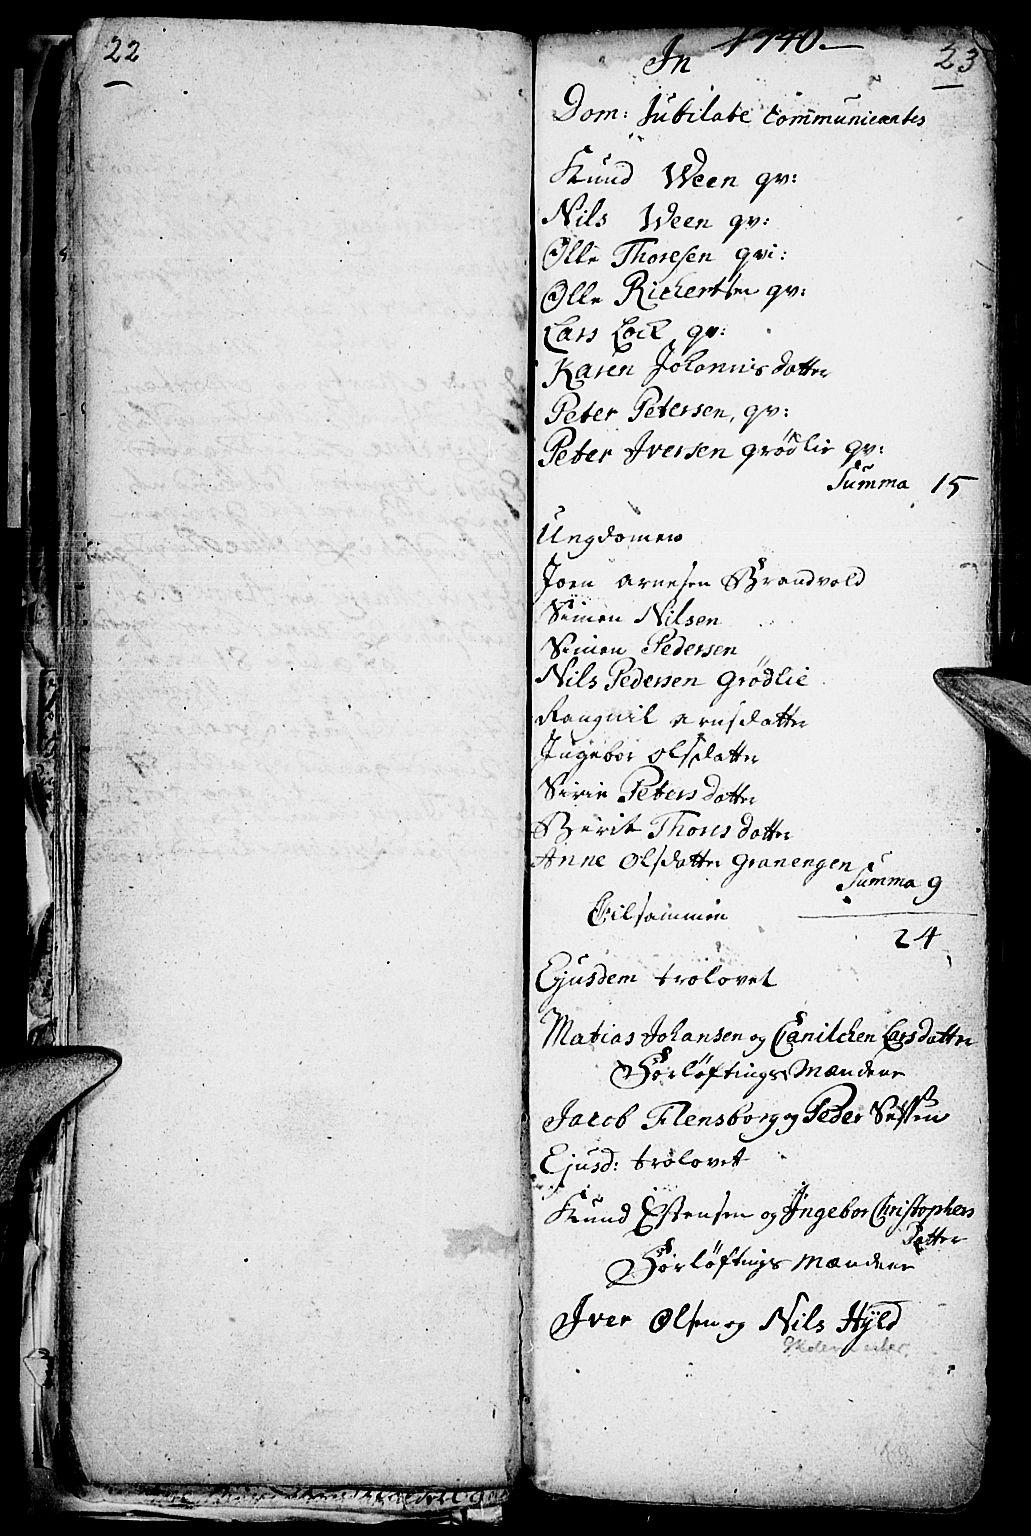 SAH, Kvikne prestekontor, Parish register (official) no. 1, 1740-1756, p. 22-23